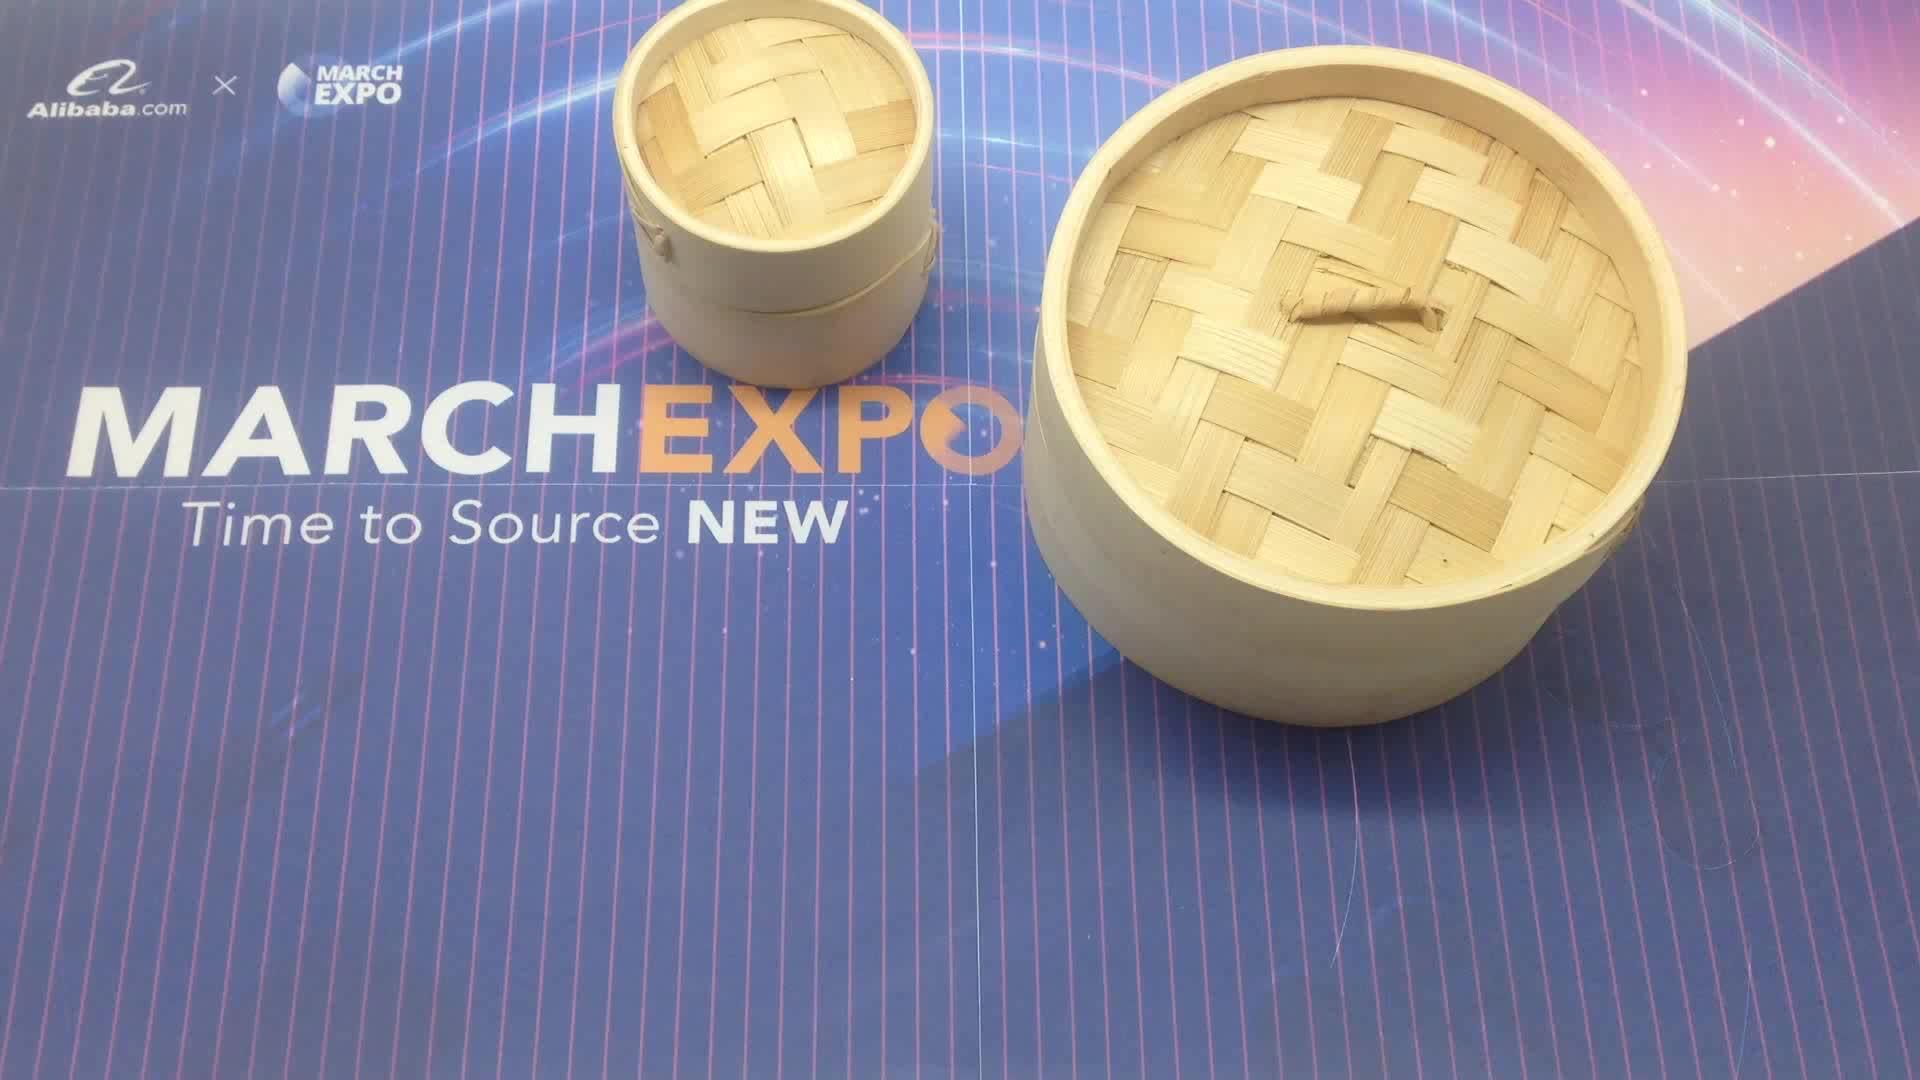 Usa e getta Resistente Pentole Mini A Buon Mercato Eco-Friendly Dim Sole Su Misura Personalizzati Cibo A Vapore Per La Corea E Giappone